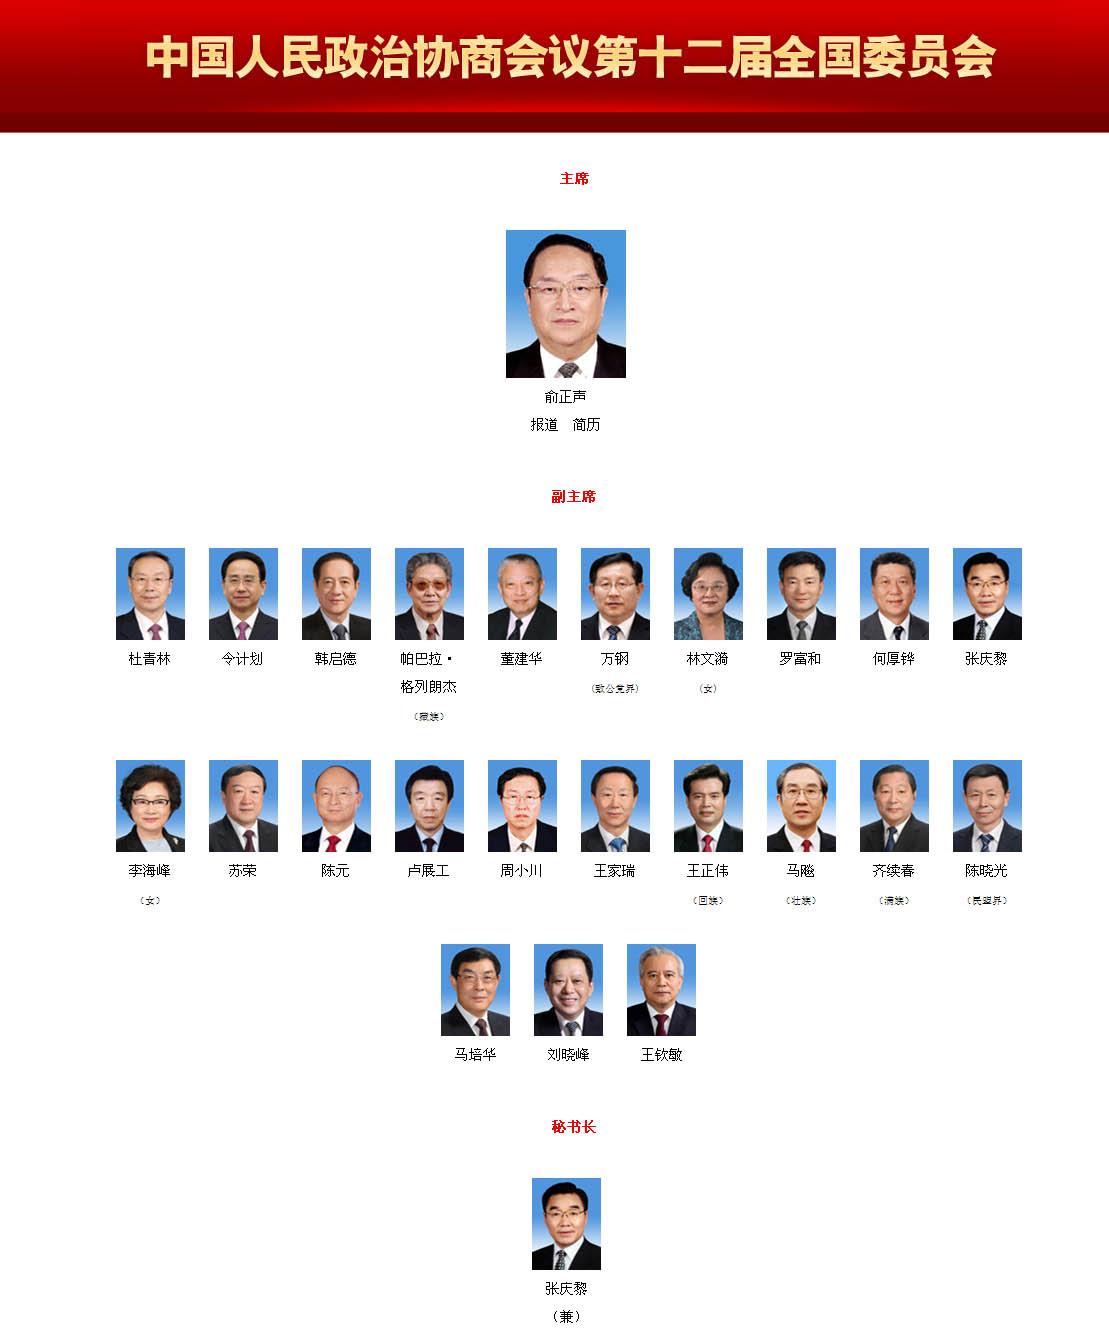 中国人民政治协商会议十二届全国委员会各专门